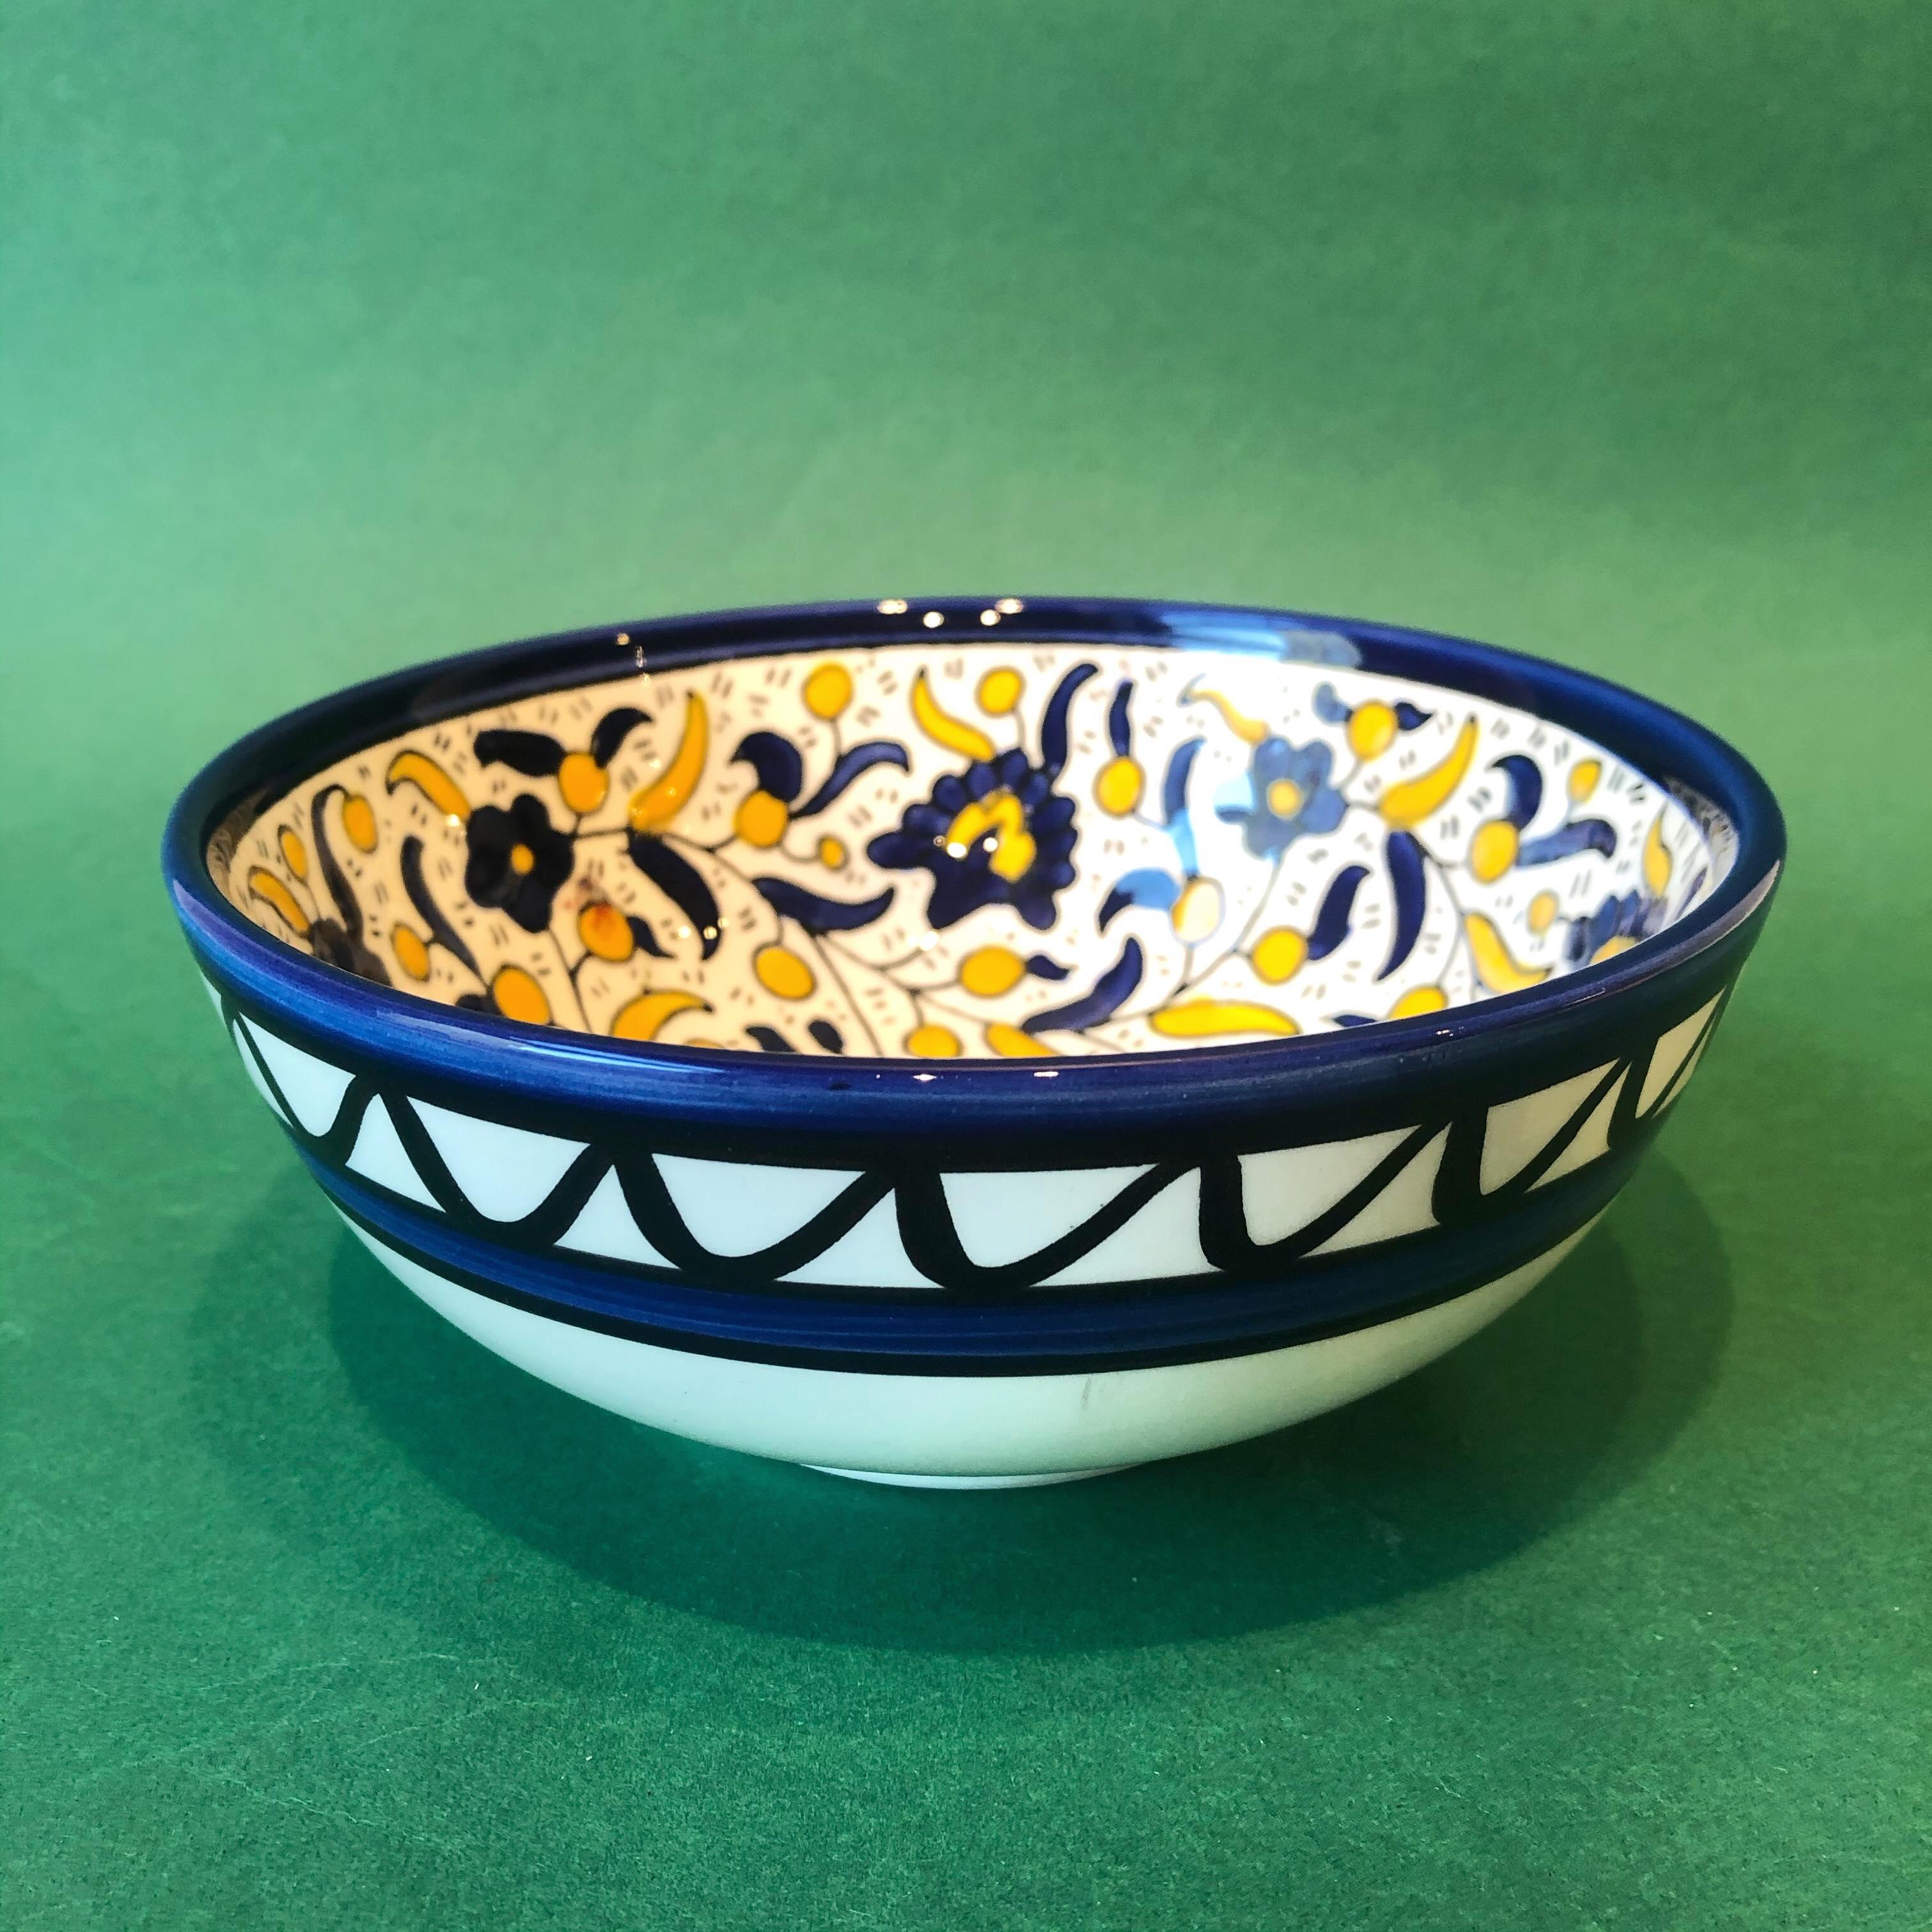 Mellomstor keramikkskål, blå og gul